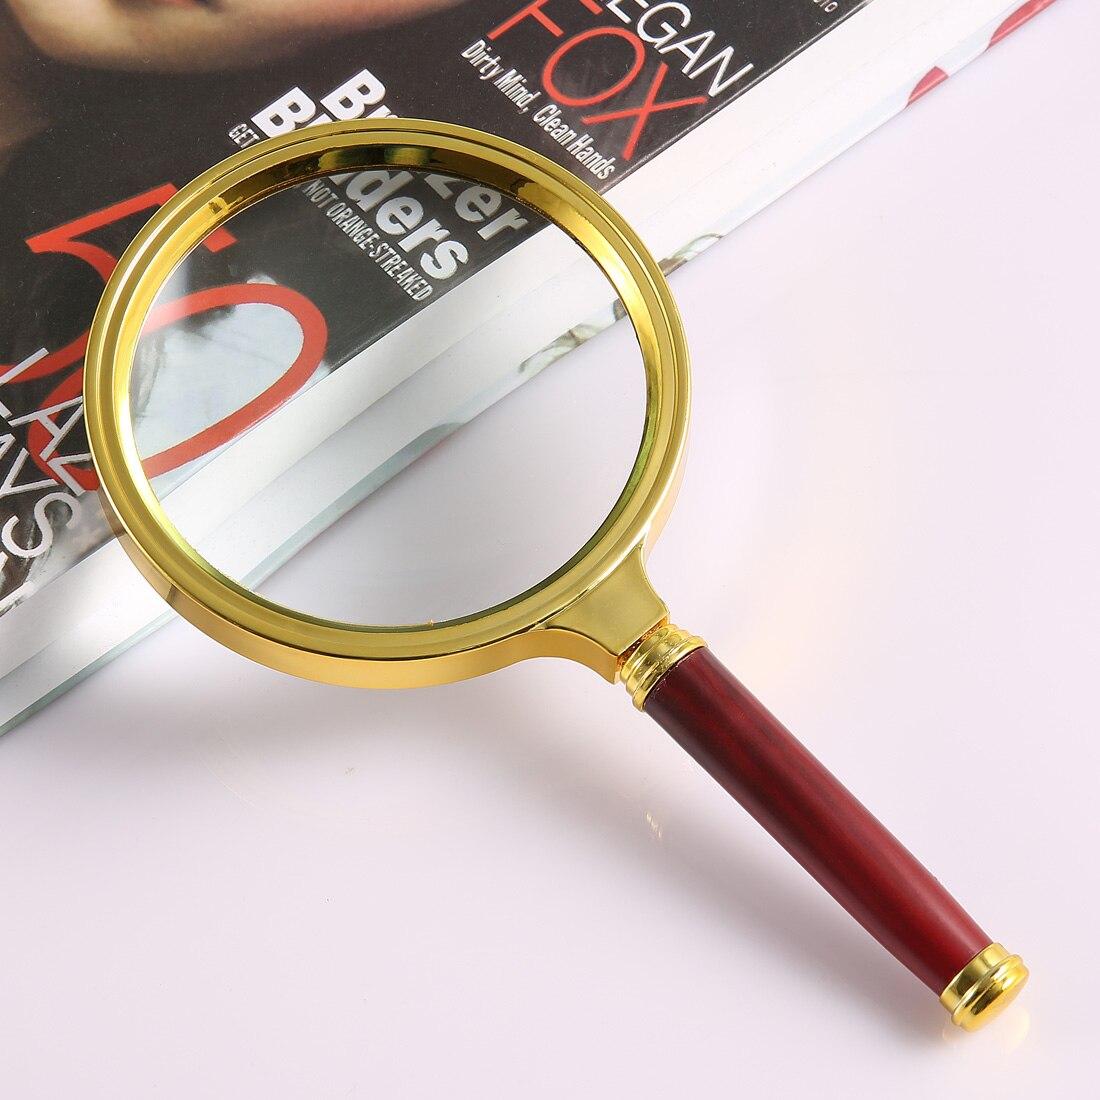 10x Faltbare Handheld Lupe Mini Tasche Mikroskop Lesen Lupe Glas Objektiv Schmuck Lupe Kataloge Werden Auf Anfrage Verschickt